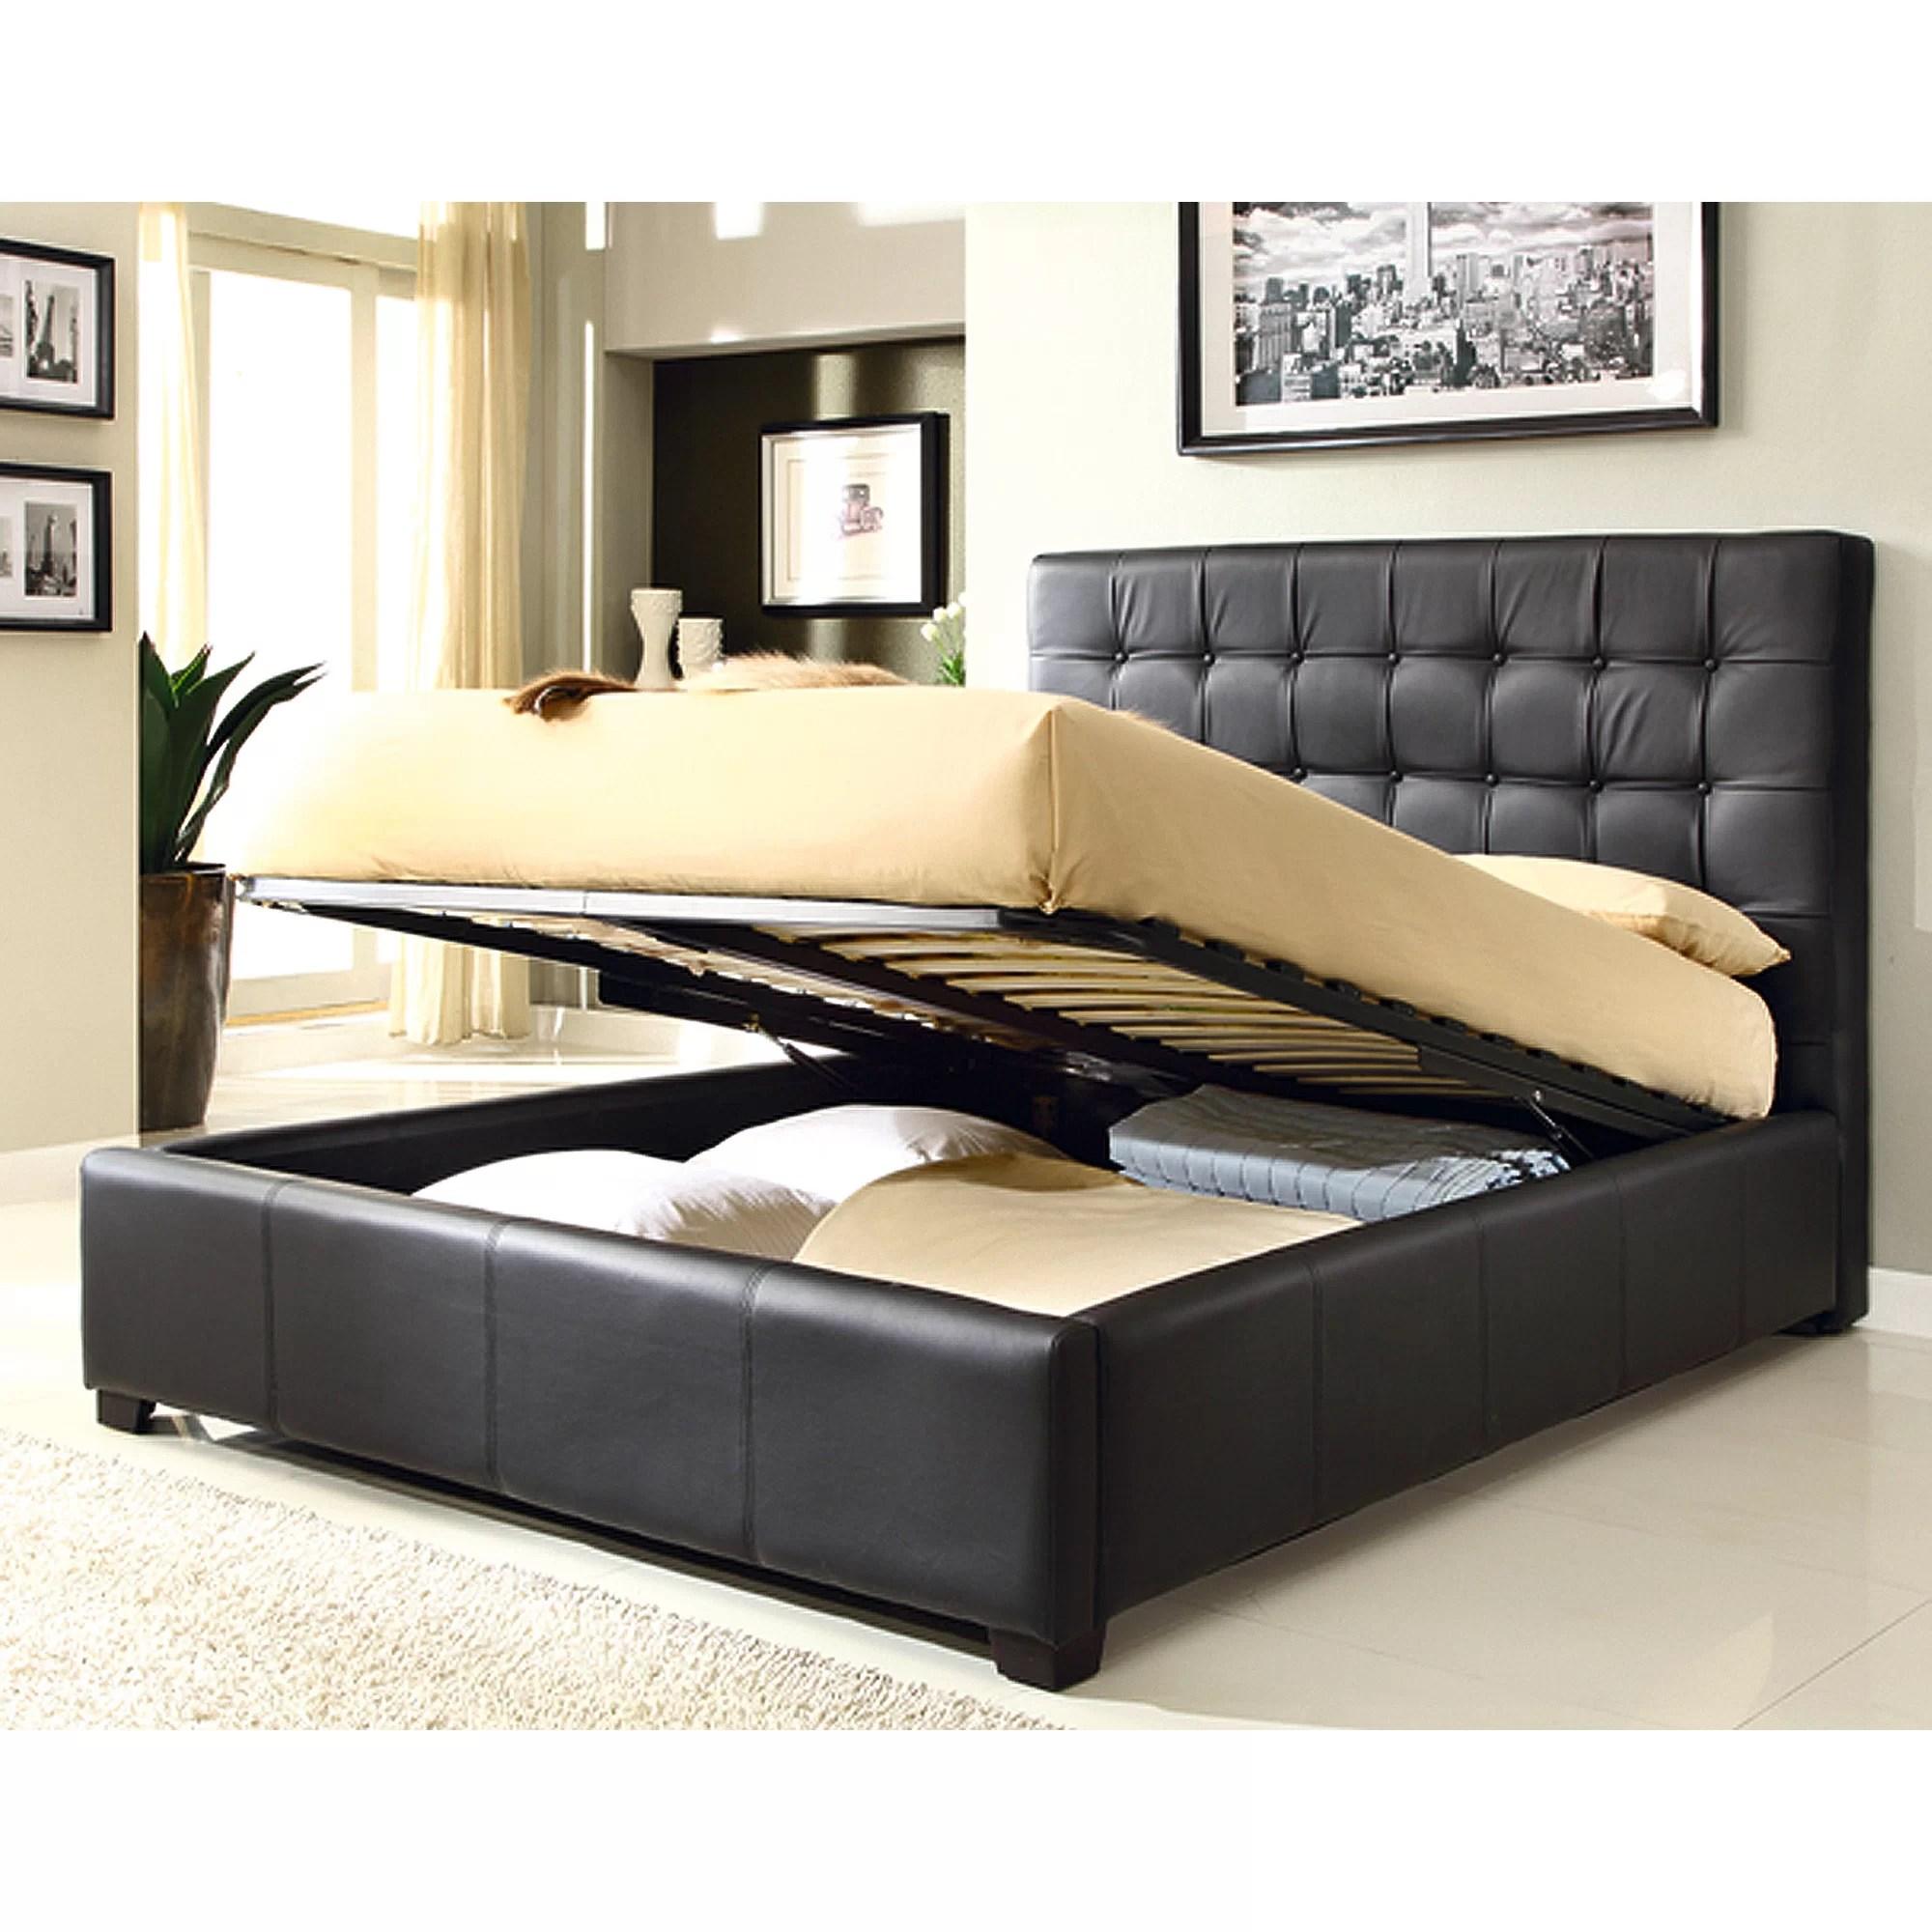 At Home Usa Athens Upholstered Storage Platform Bed